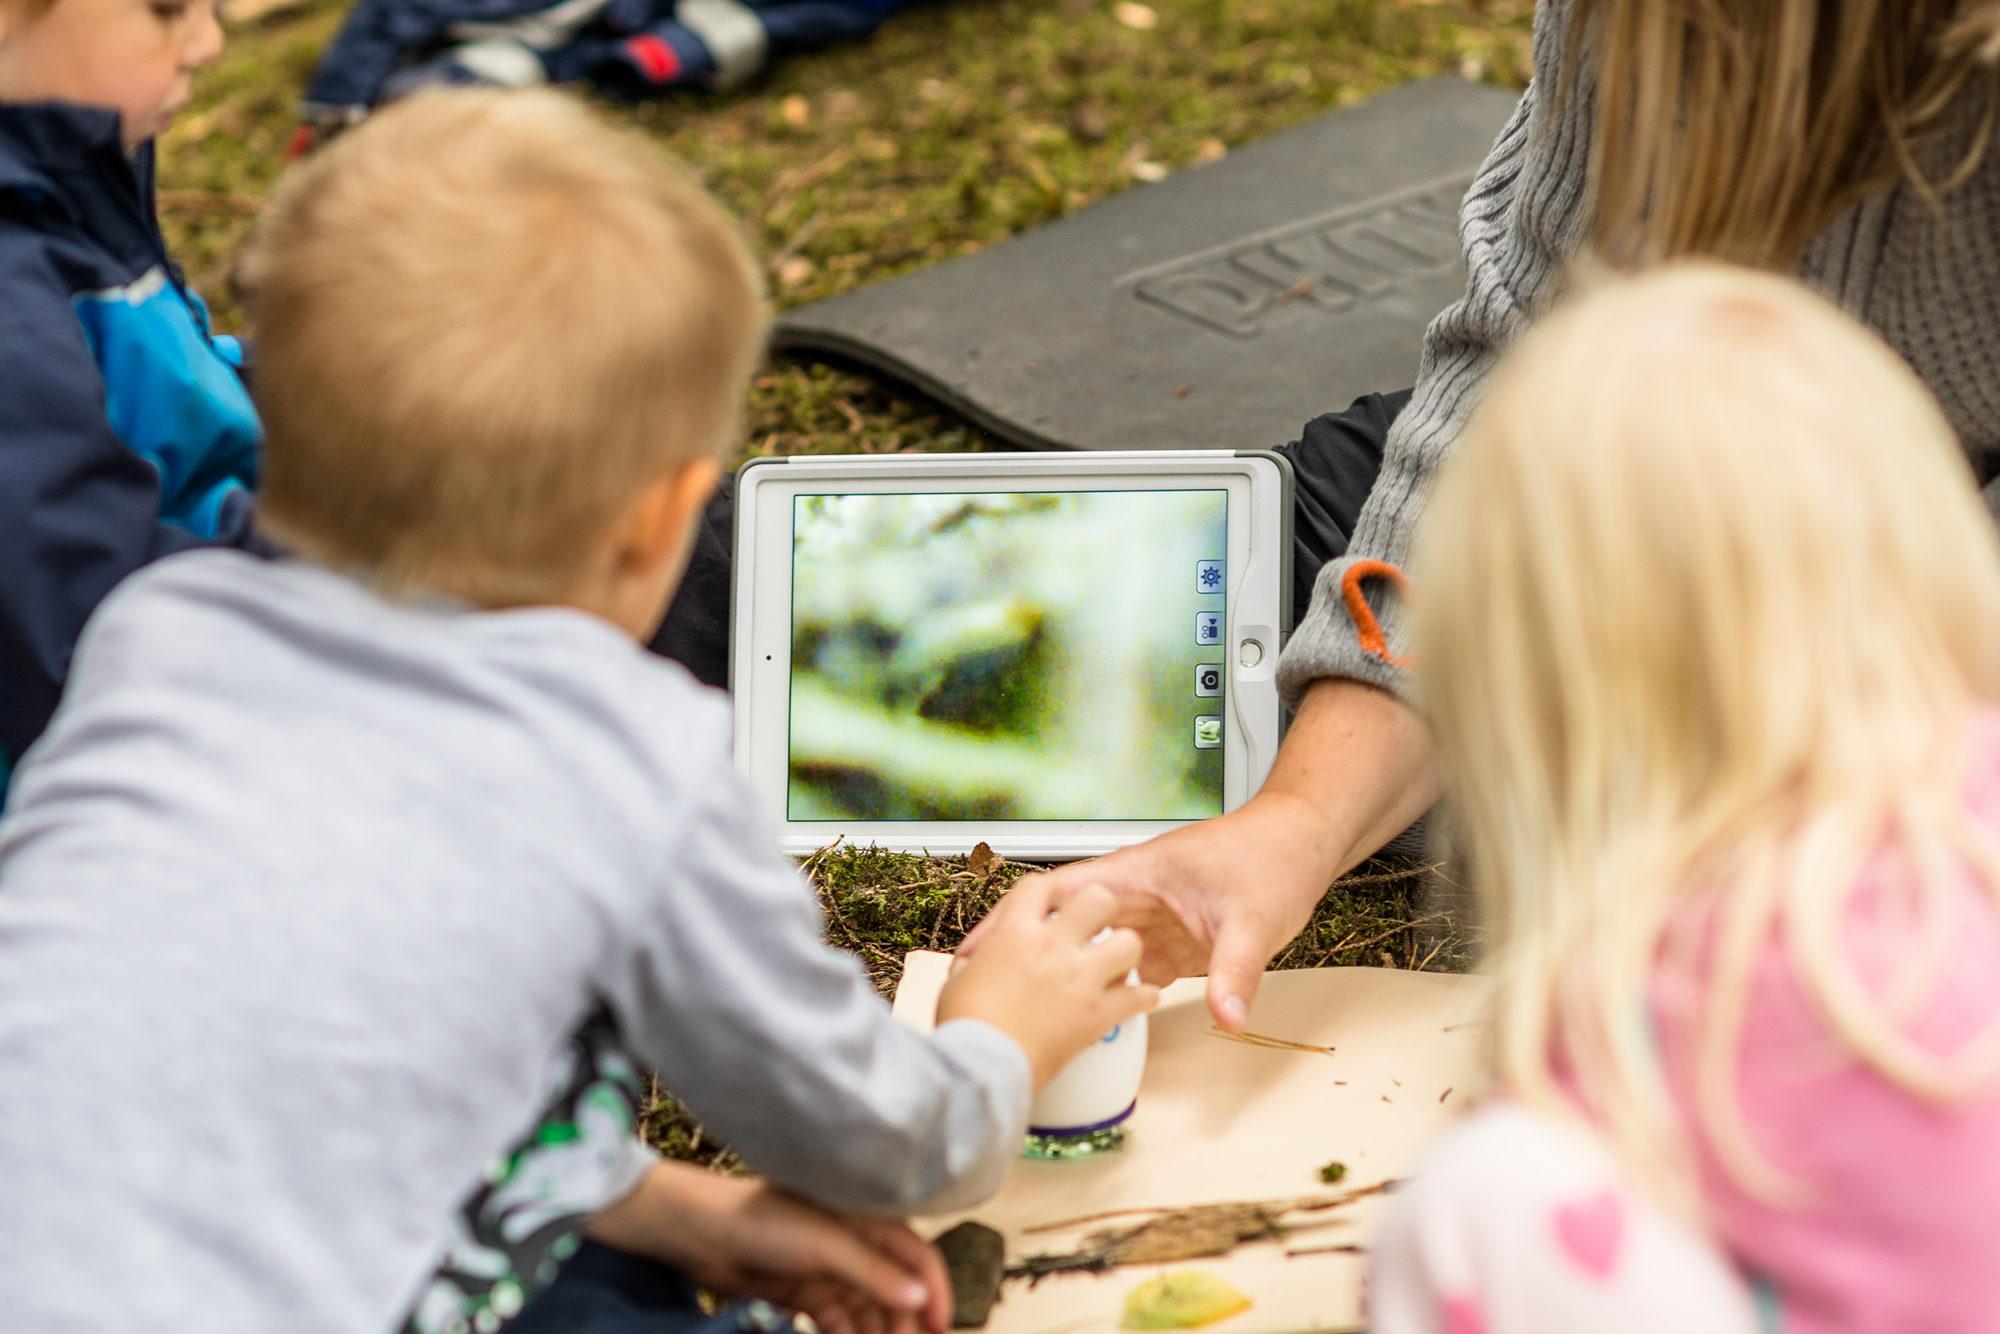 Barnehagebarn bruker trådløst mikroskop